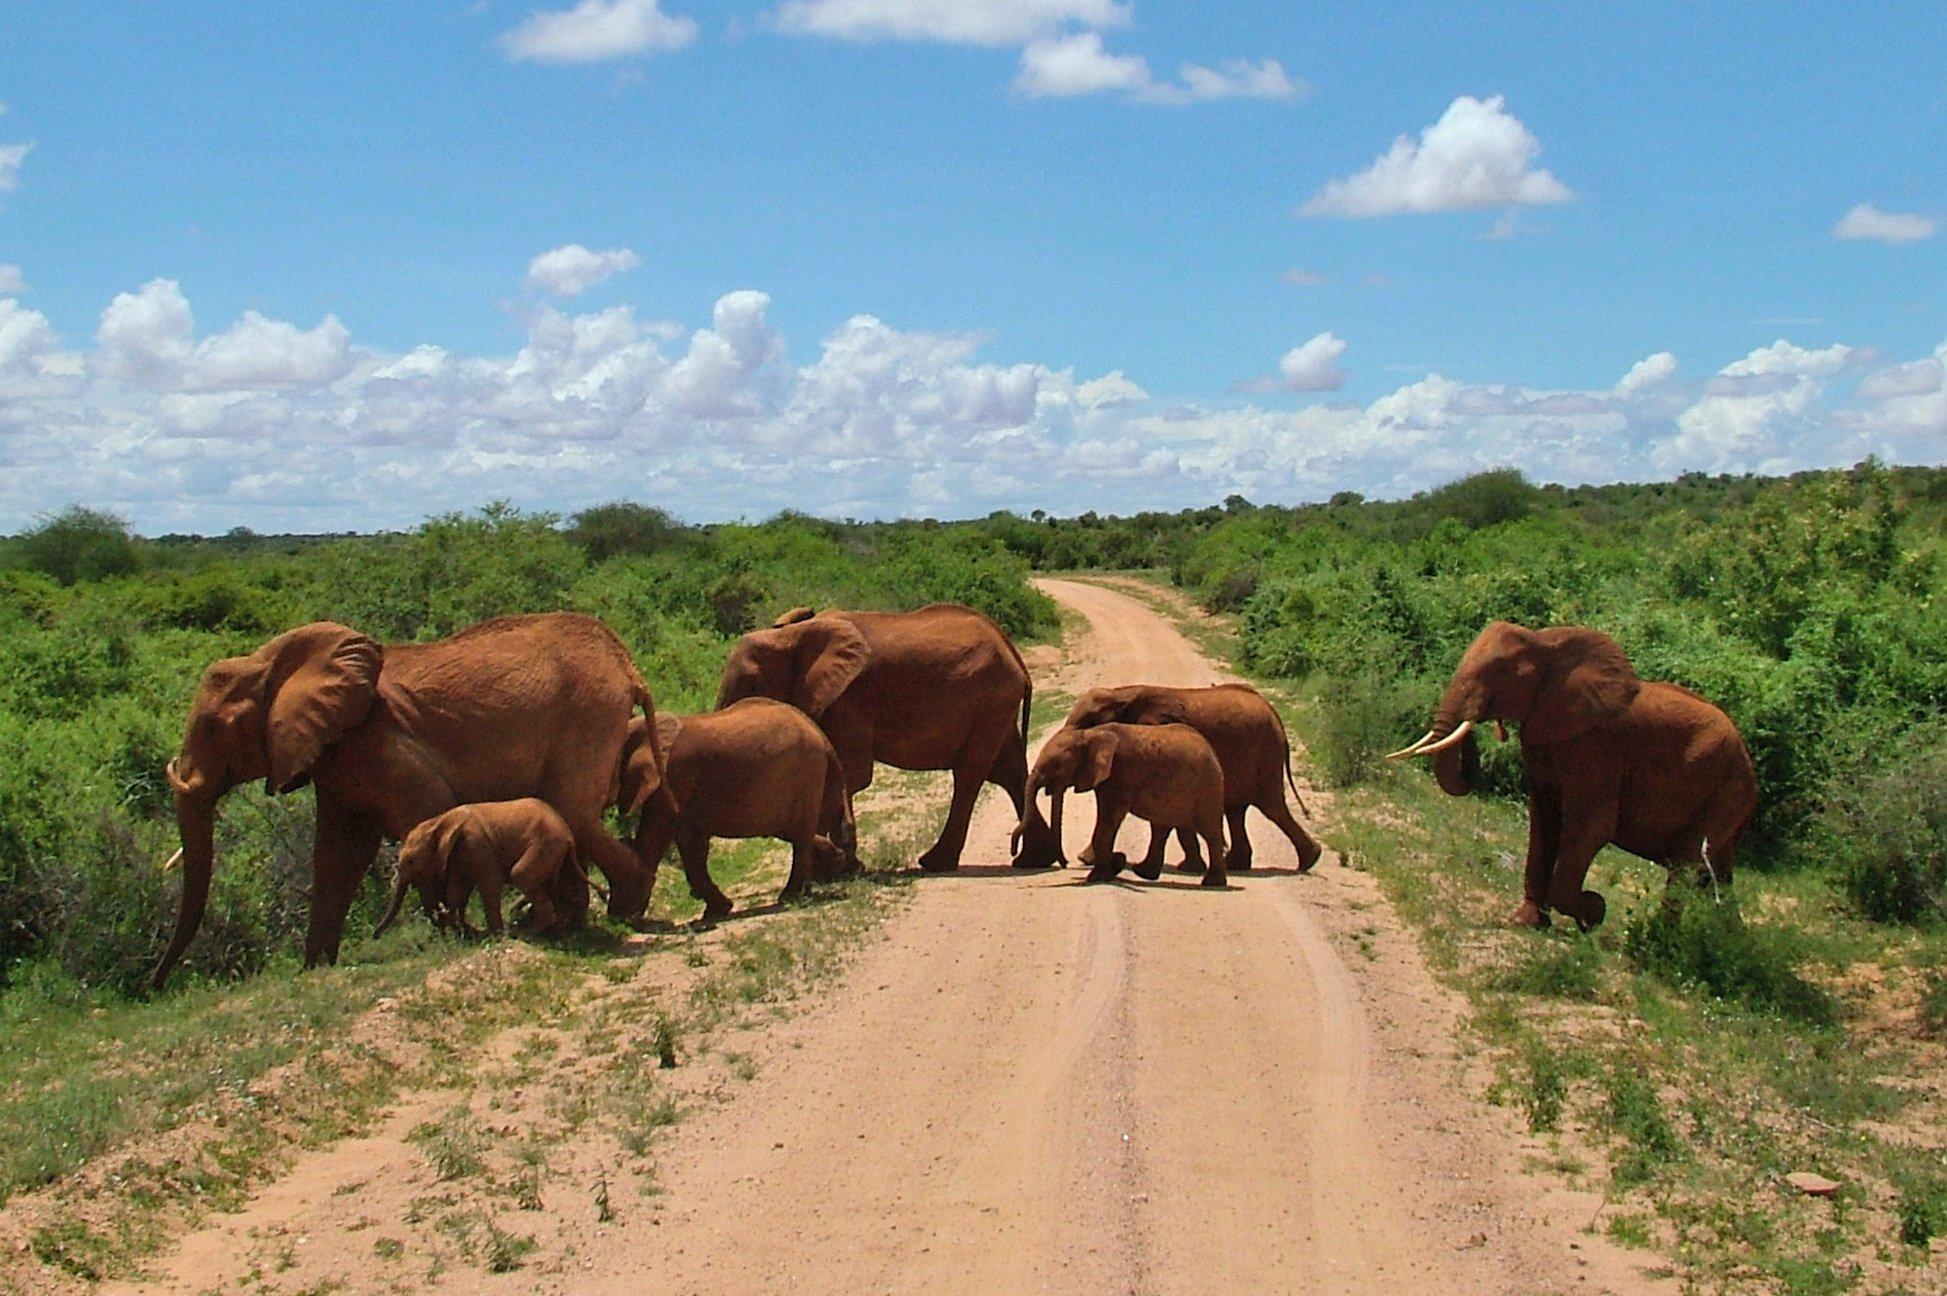 Hai visto? Consigli e suggerimenti per un safari in Kenya